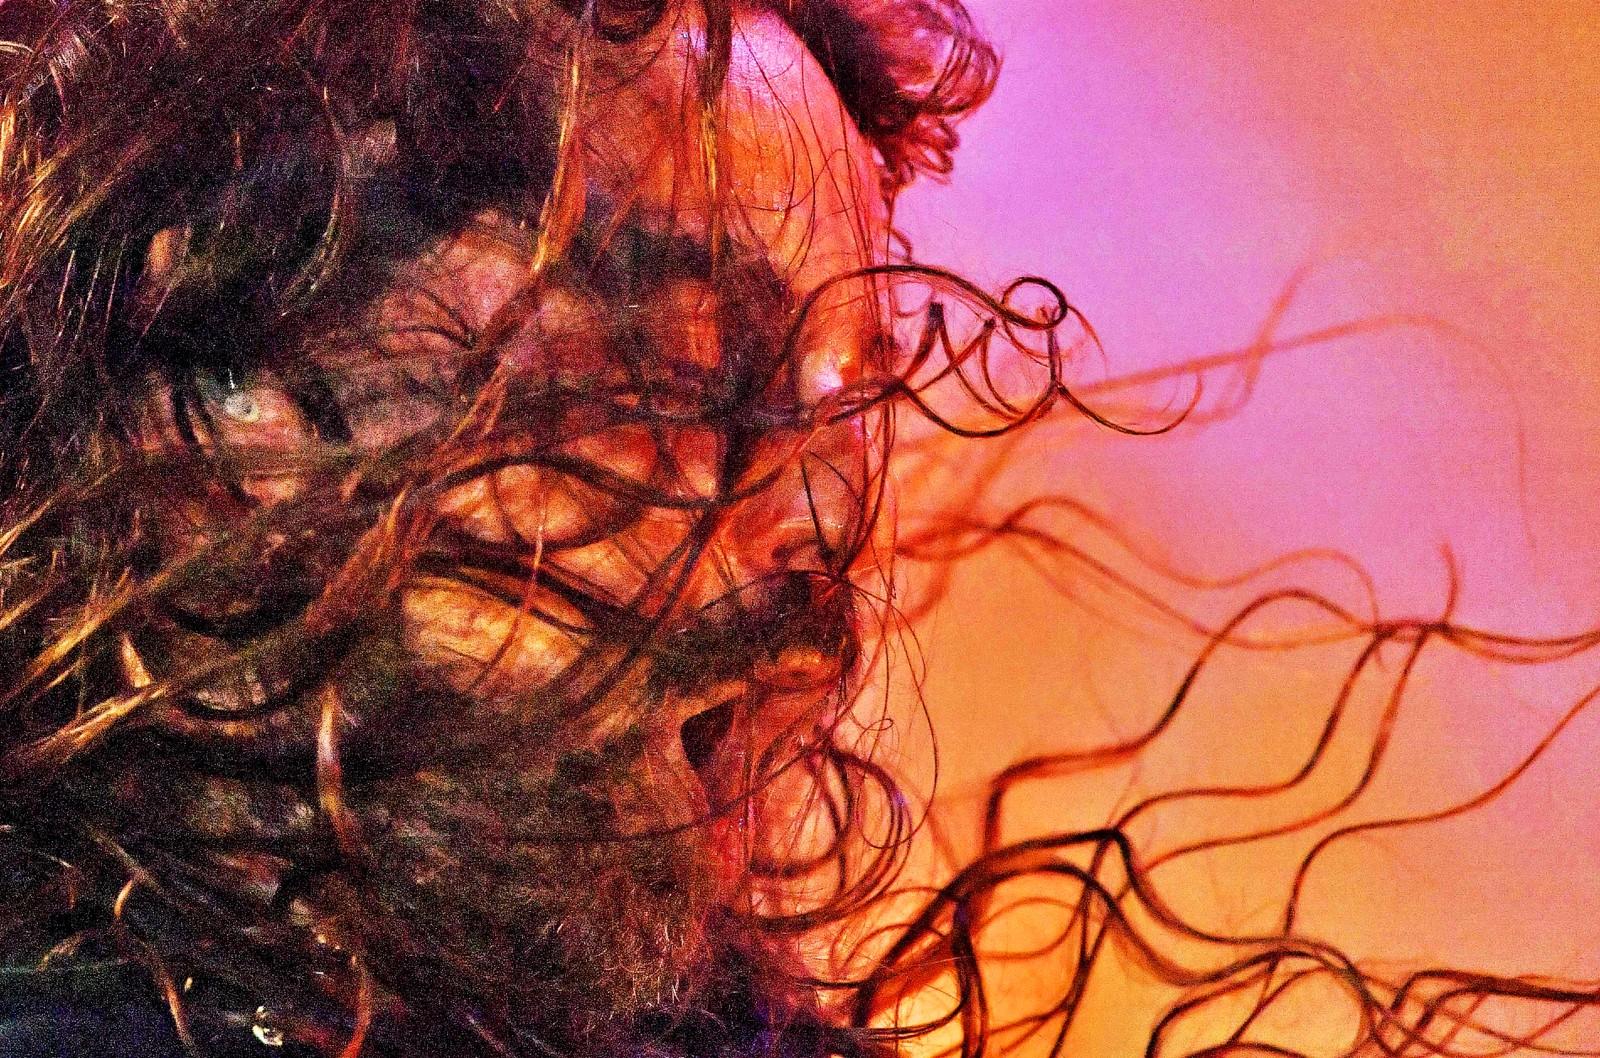 Gitaristen Andreas Kisser i Sepultura spilte i hjemlandet under festivalen Rock in Rio.